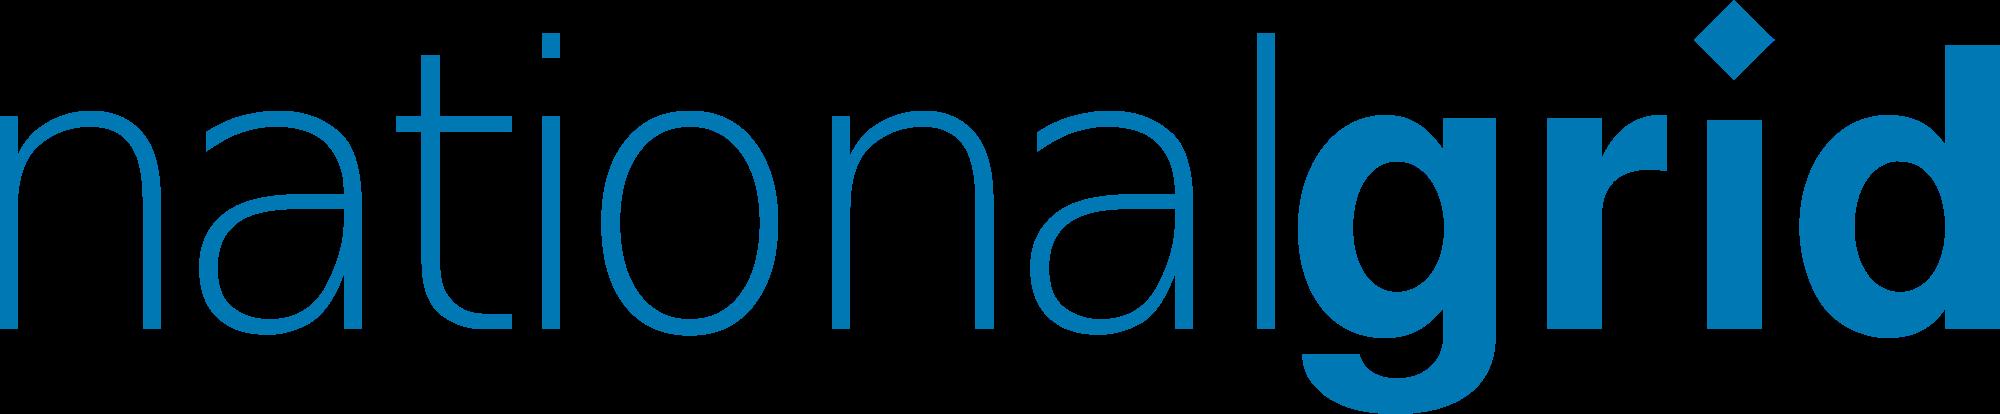 National_Grid_logo.png